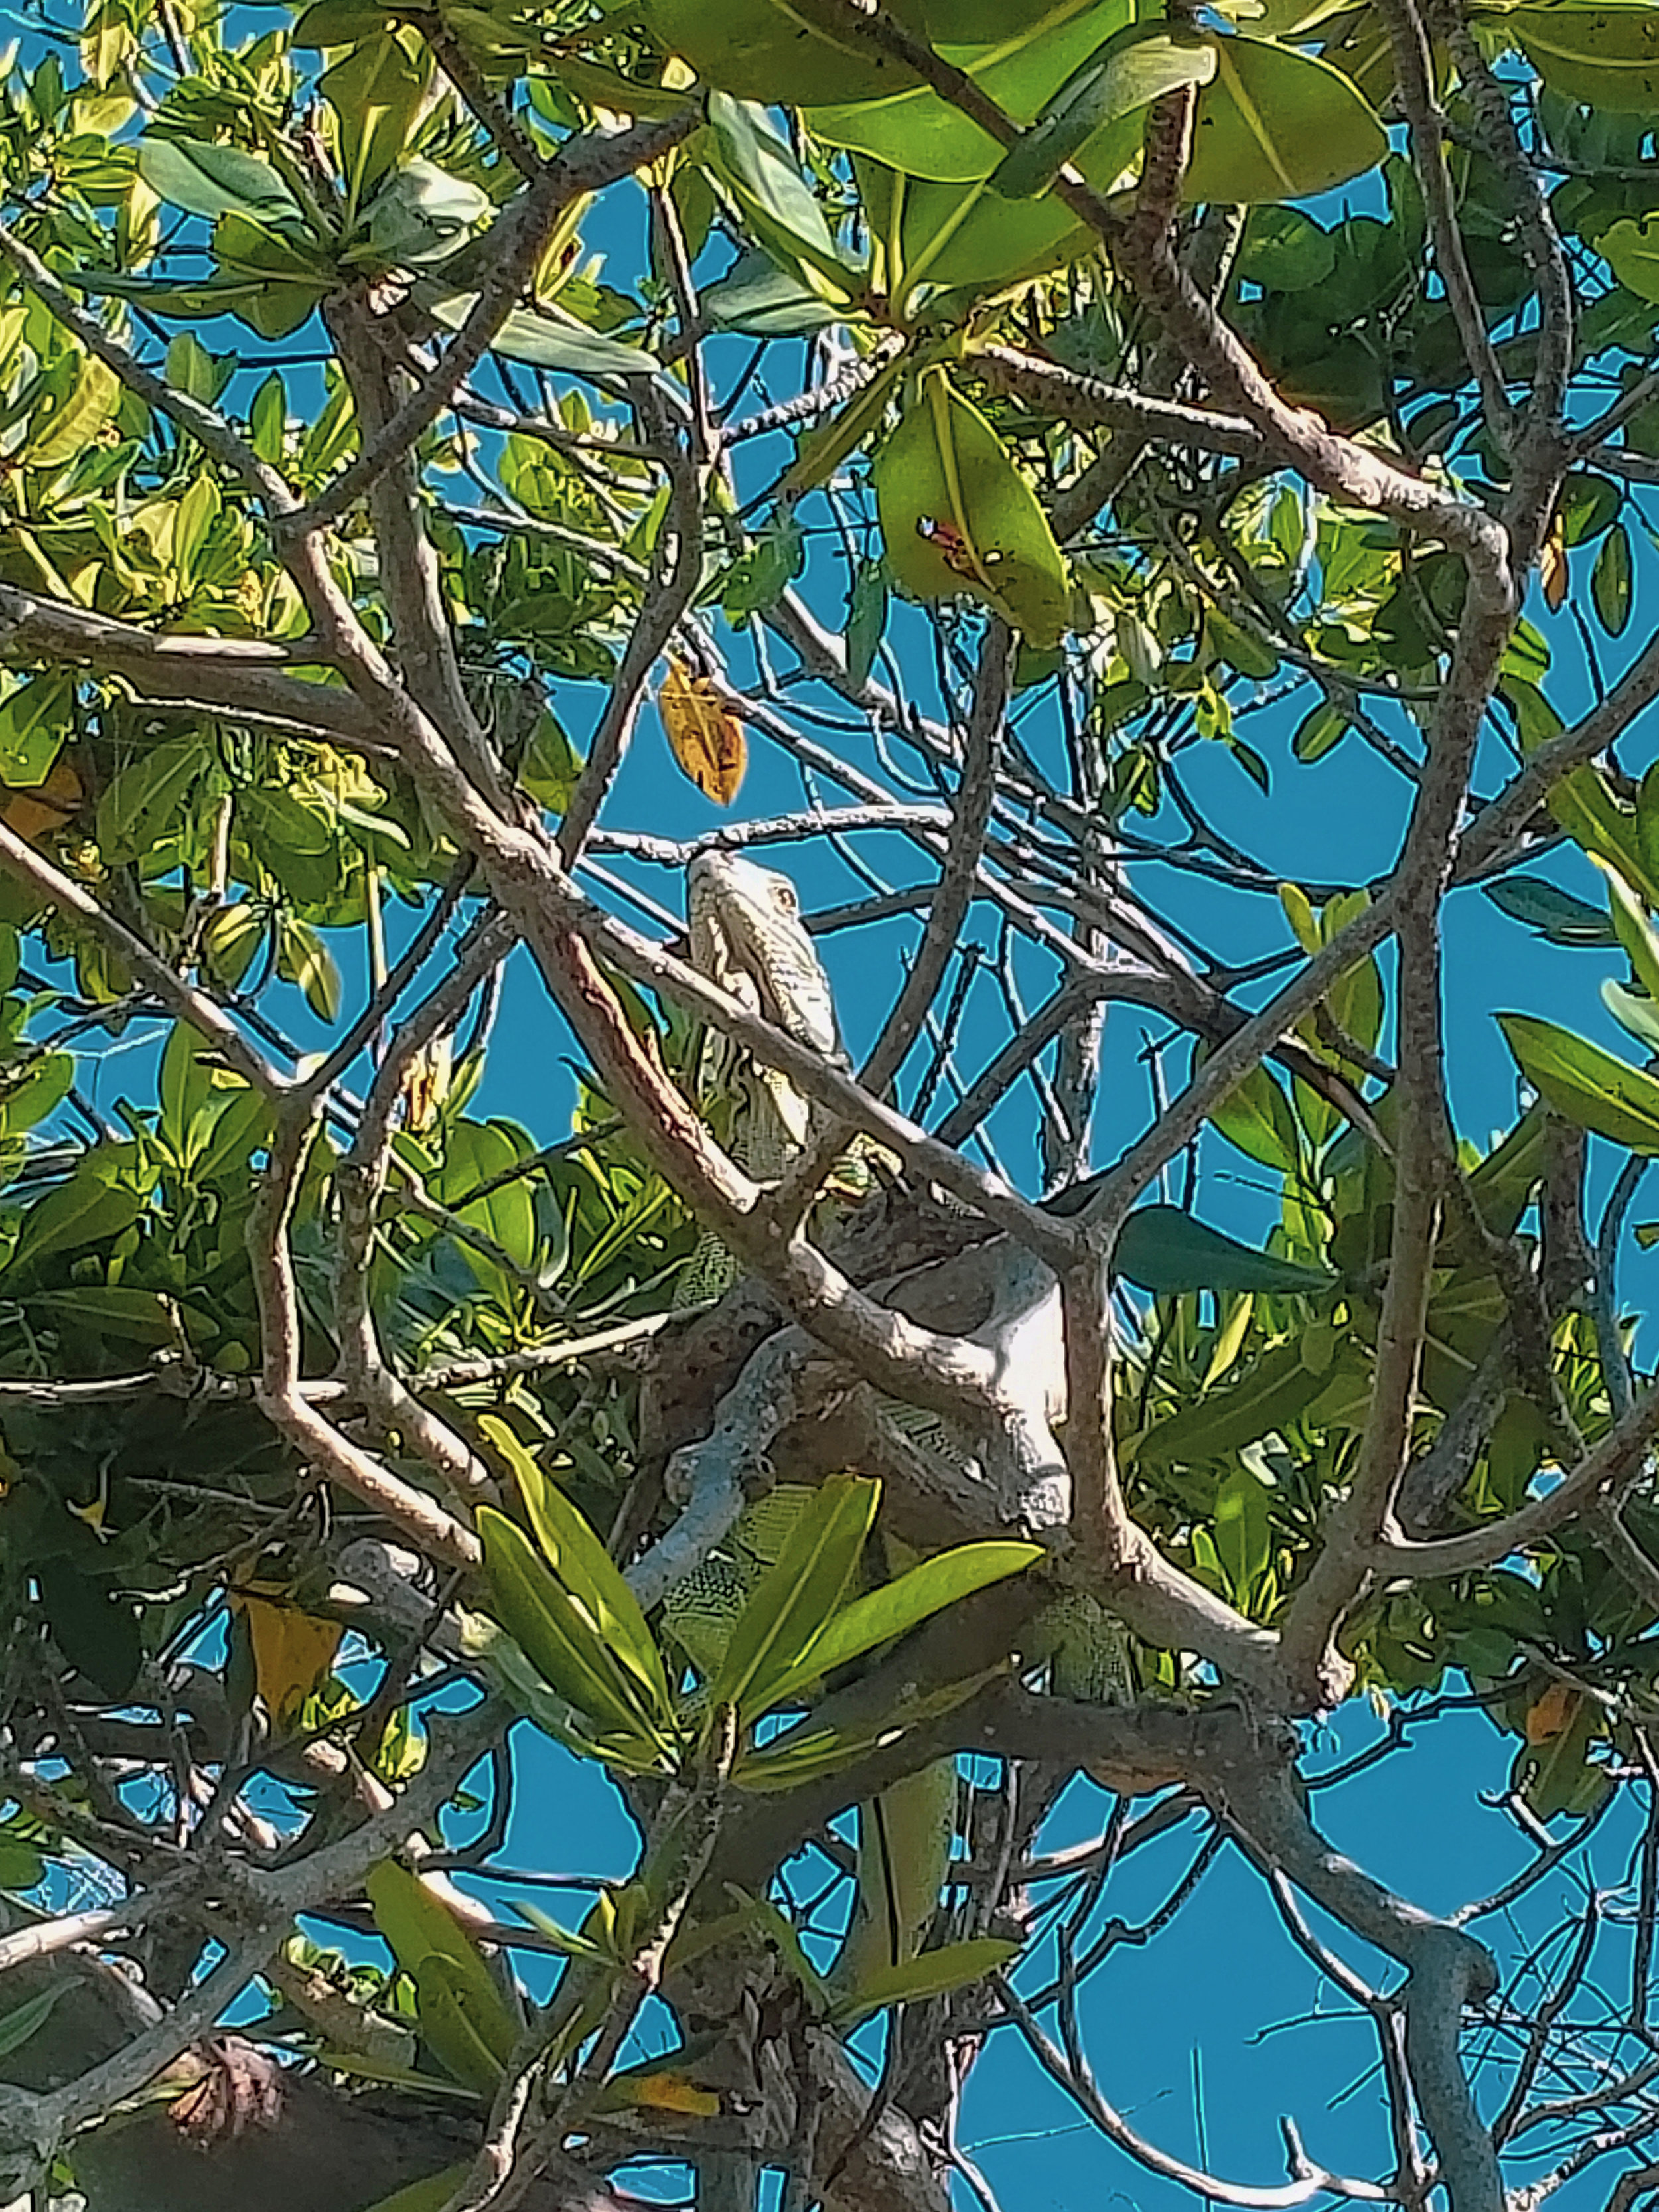 Iguana - Esta es la iguana del video anterior. Este lugar se caracteriza porque hay muchas de ellas